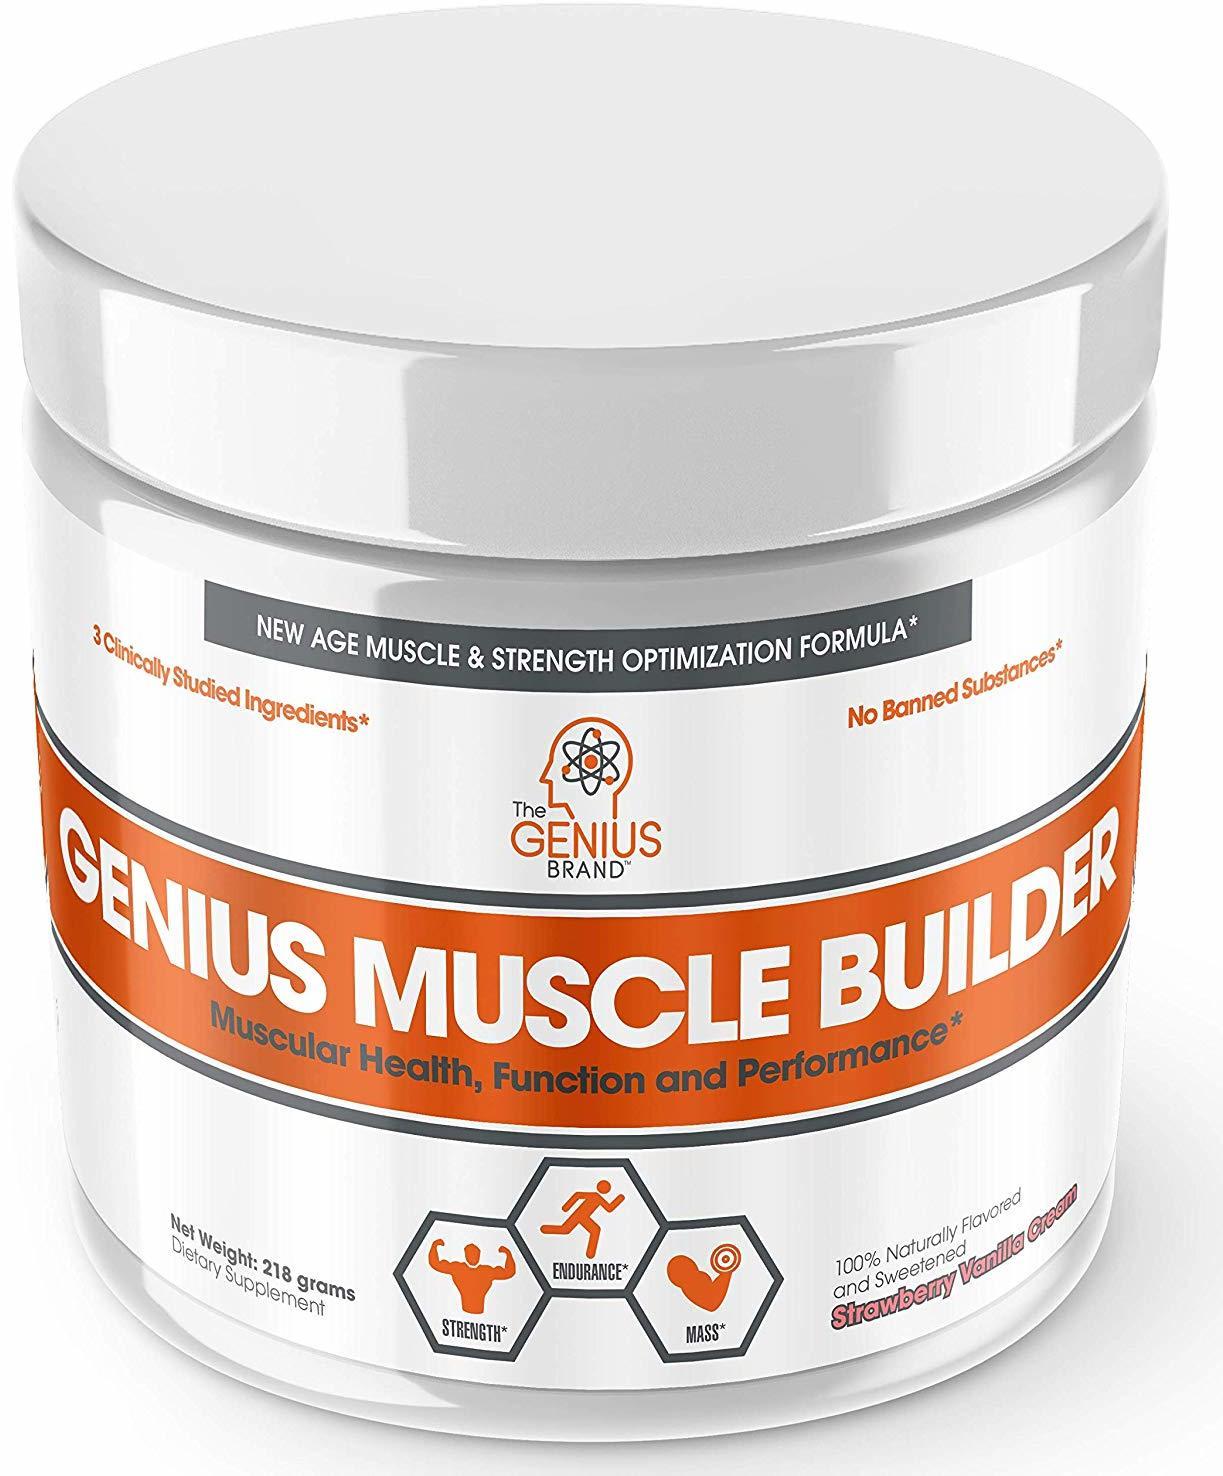 The Genius Brand - Supplements Fit for Einstein | PricePlow